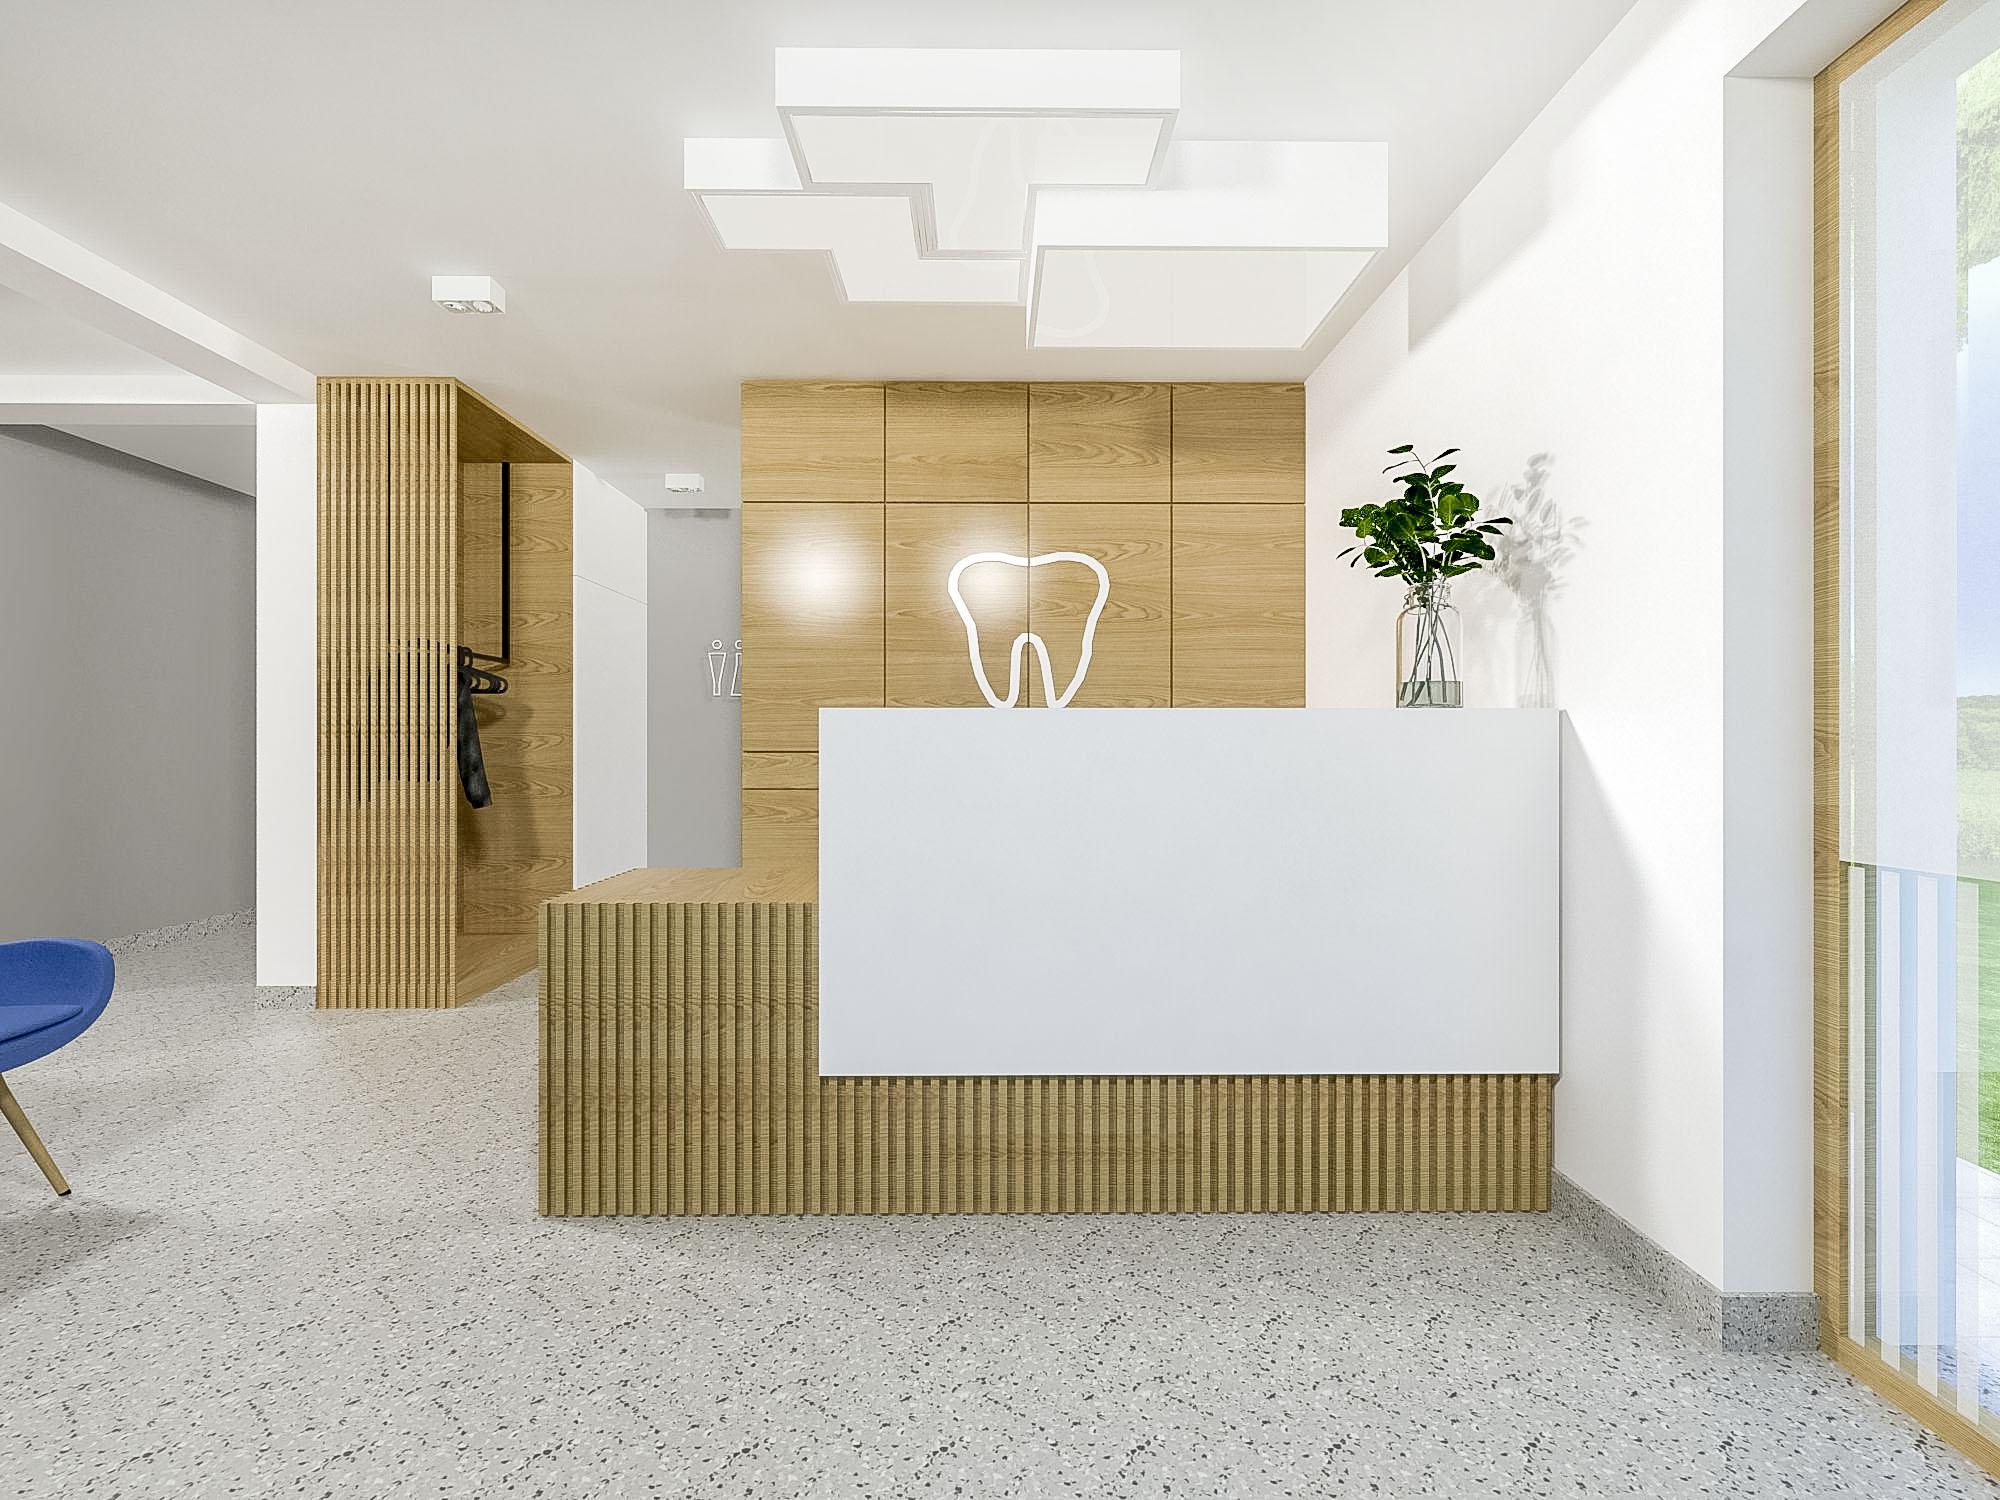 Klininka stomatologiczna, Rzeszów